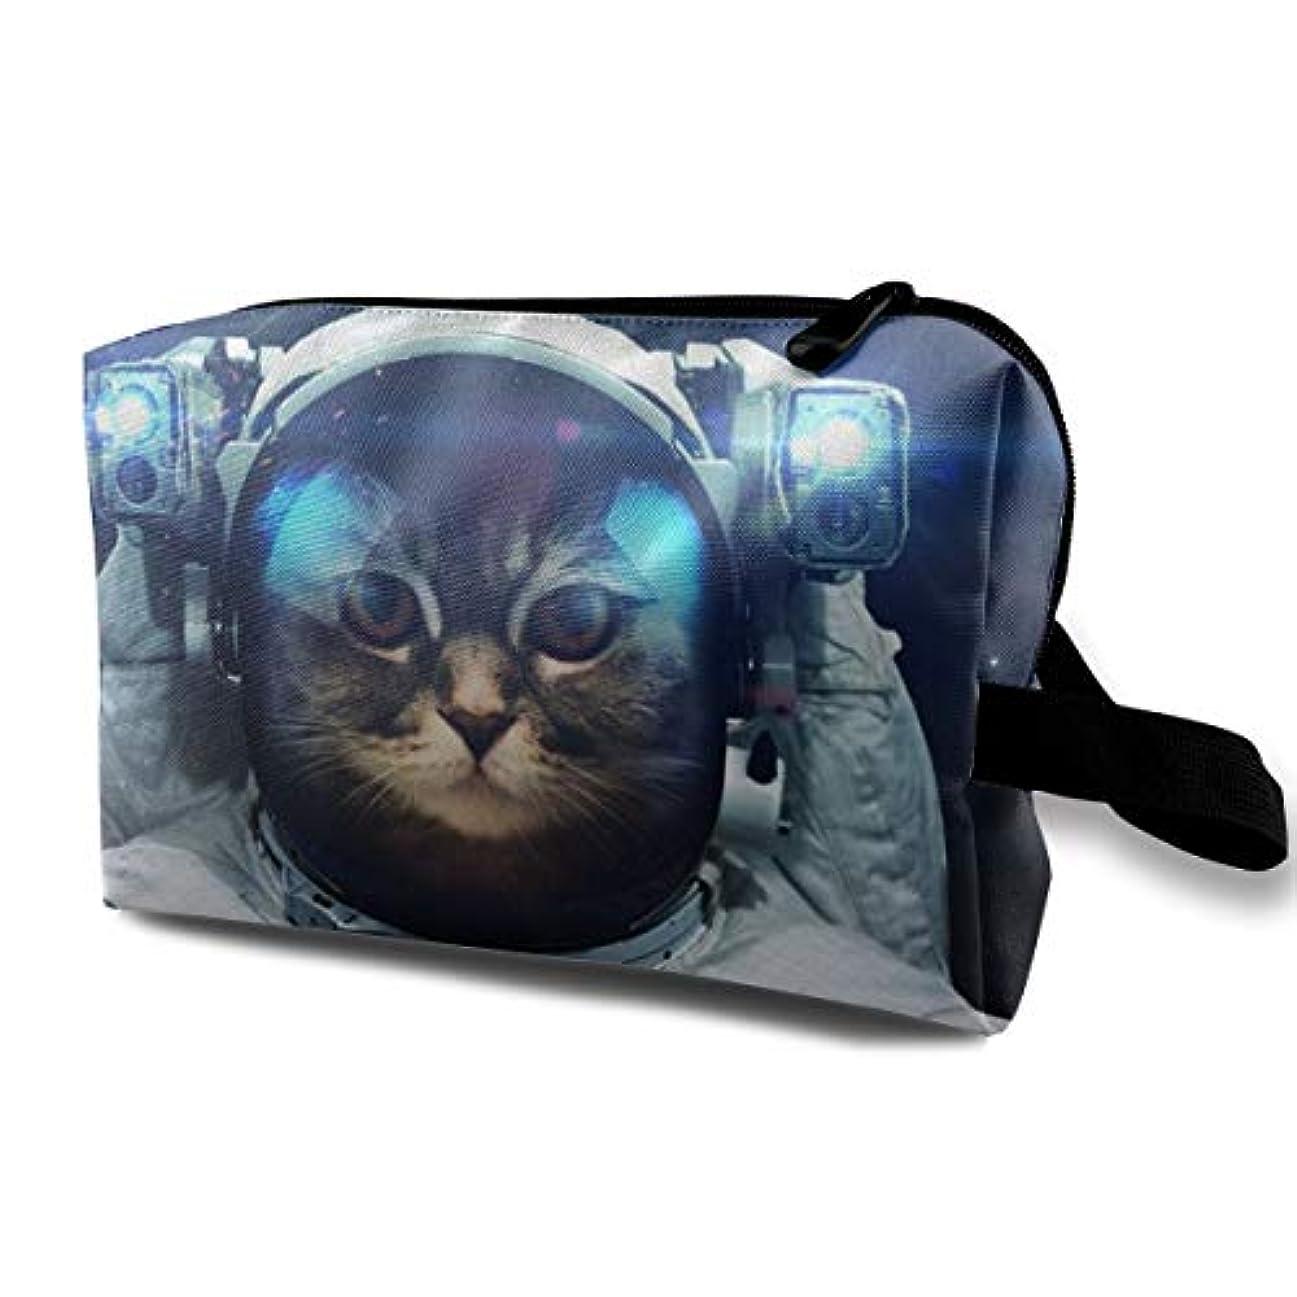 届ける回復するポルノAstronaut Cat Nebula 収納ポーチ 化粧ポーチ 大容量 軽量 耐久性 ハンドル付持ち運び便利。入れ 自宅?出張?旅行?アウトドア撮影などに対応。メンズ レディース トラベルグッズ